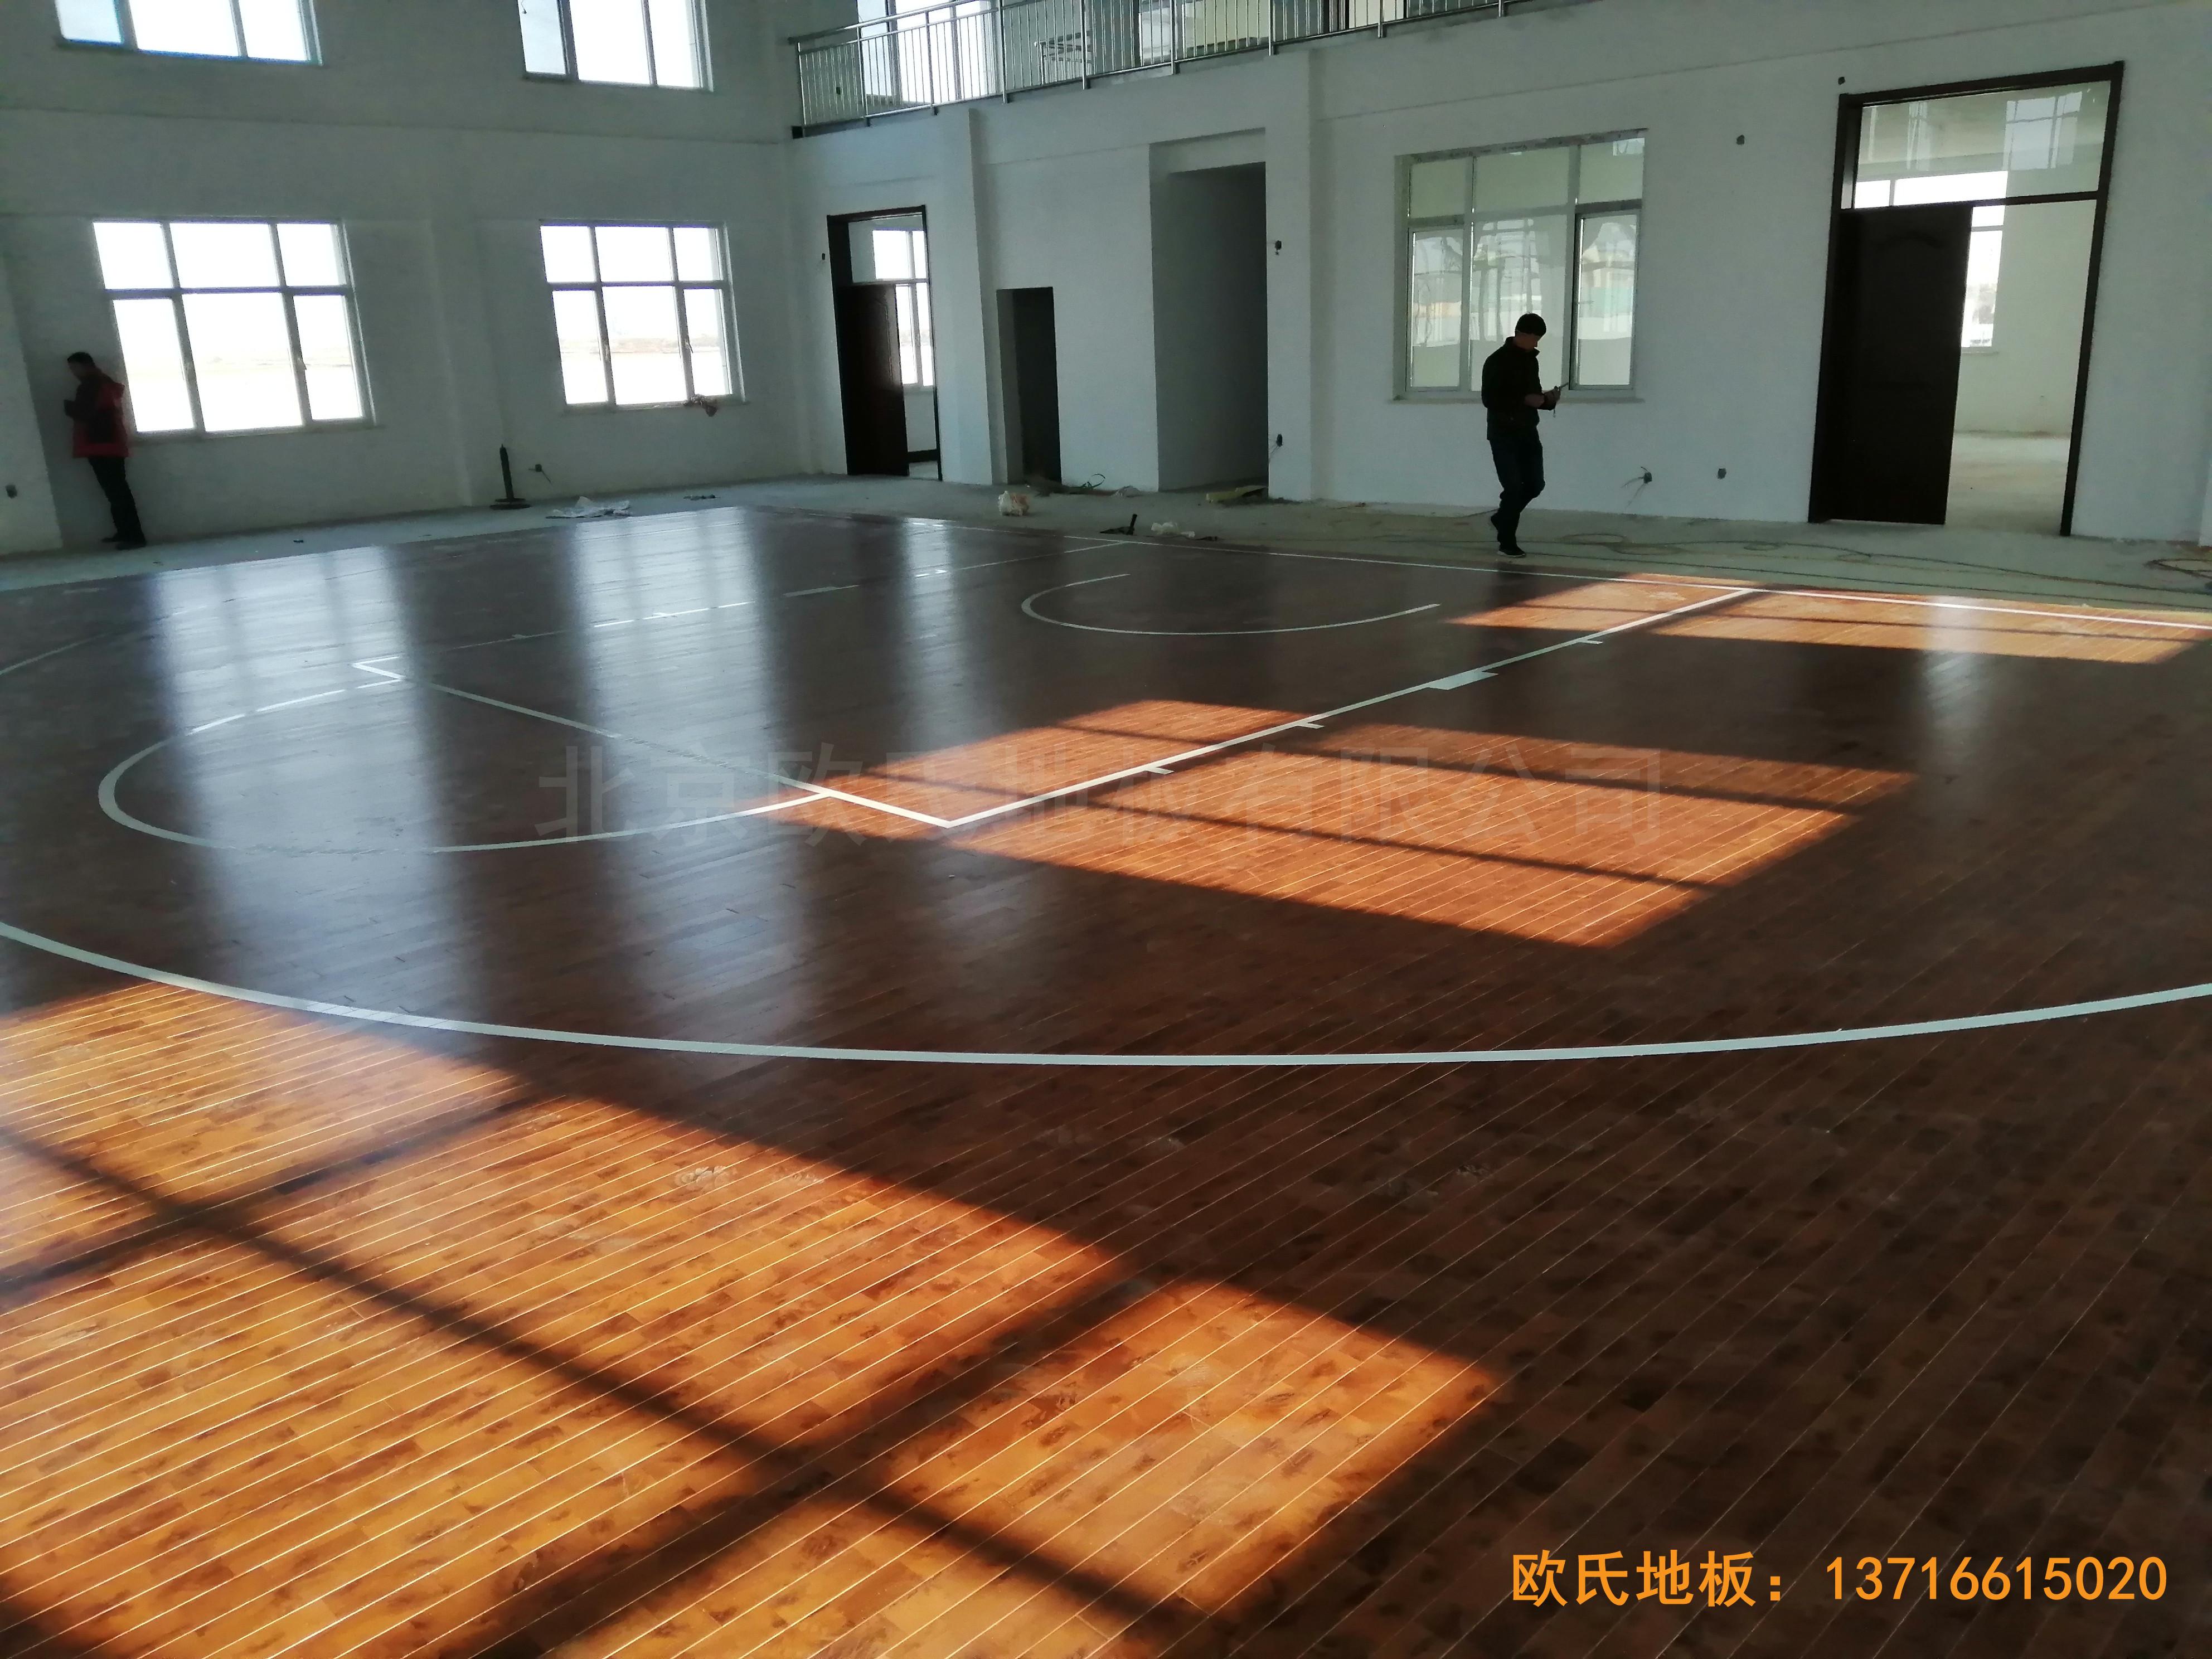 莱州银海工业园消防特训队篮球馆体育木地板铺装案例5